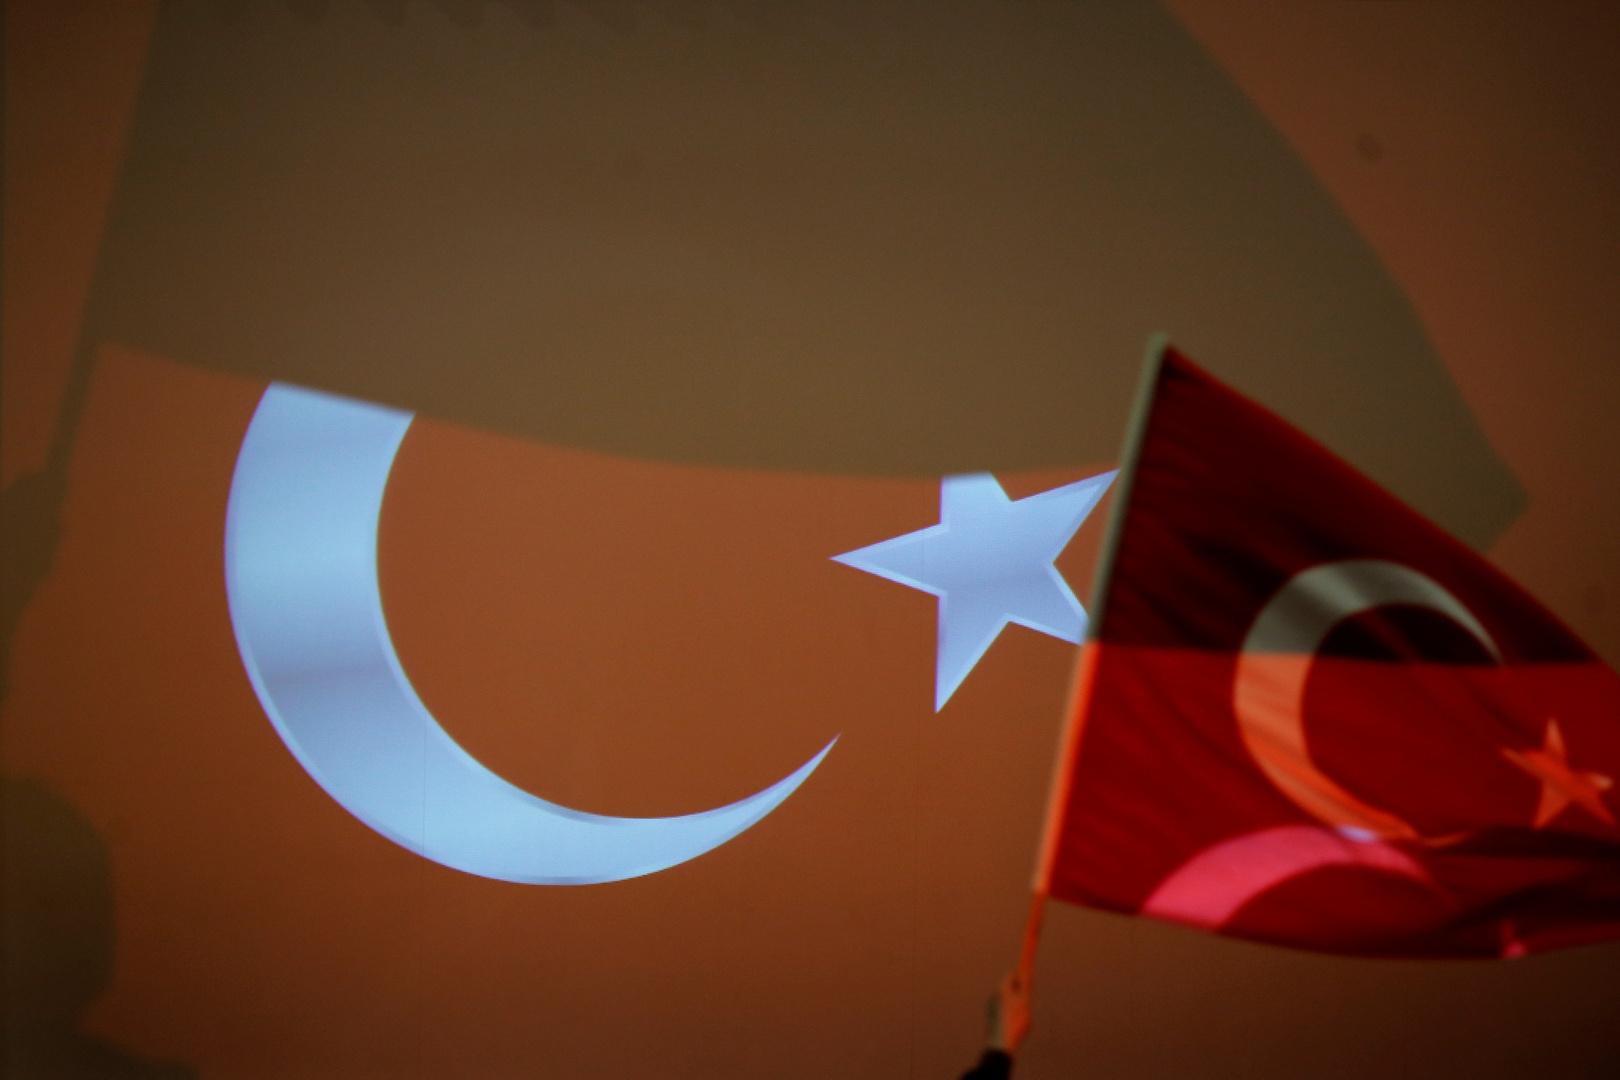 السفير التركي يرد على تقرير صحيفة فرنسية حول